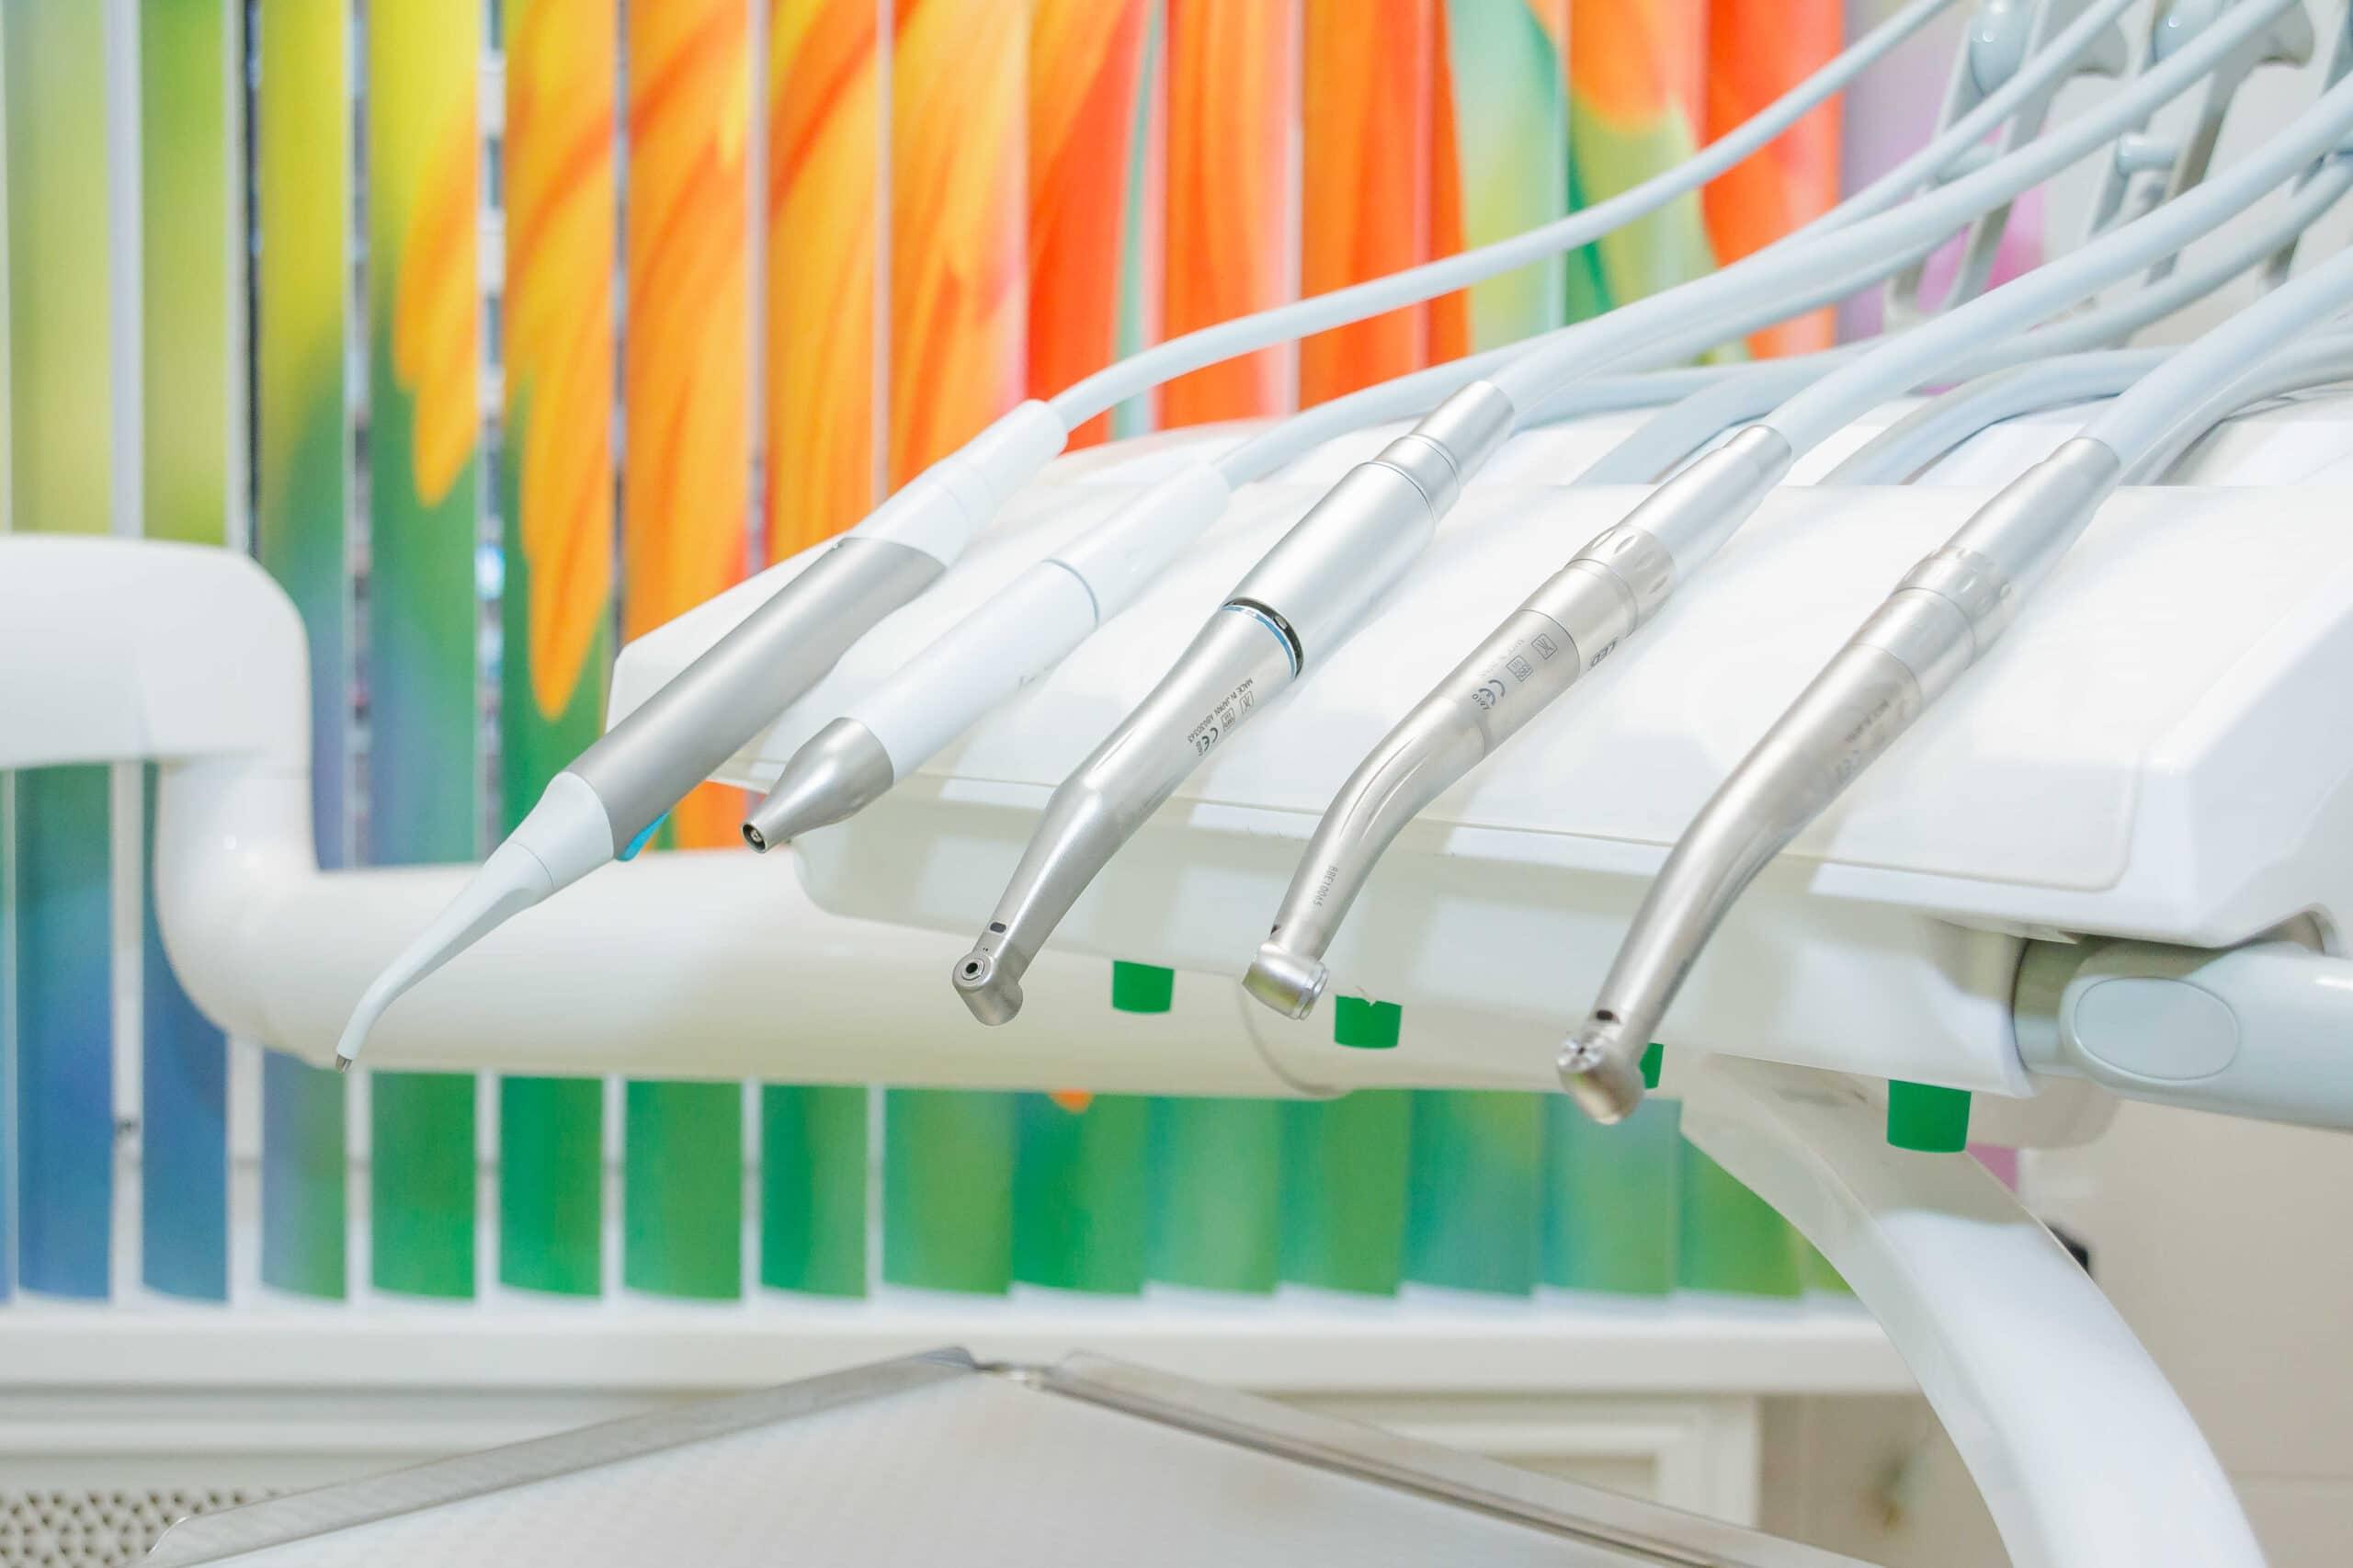 Specjalistyczne wyposażenie gabinetu stomatologicznego powinno się charakteryzować najwyższą jakością